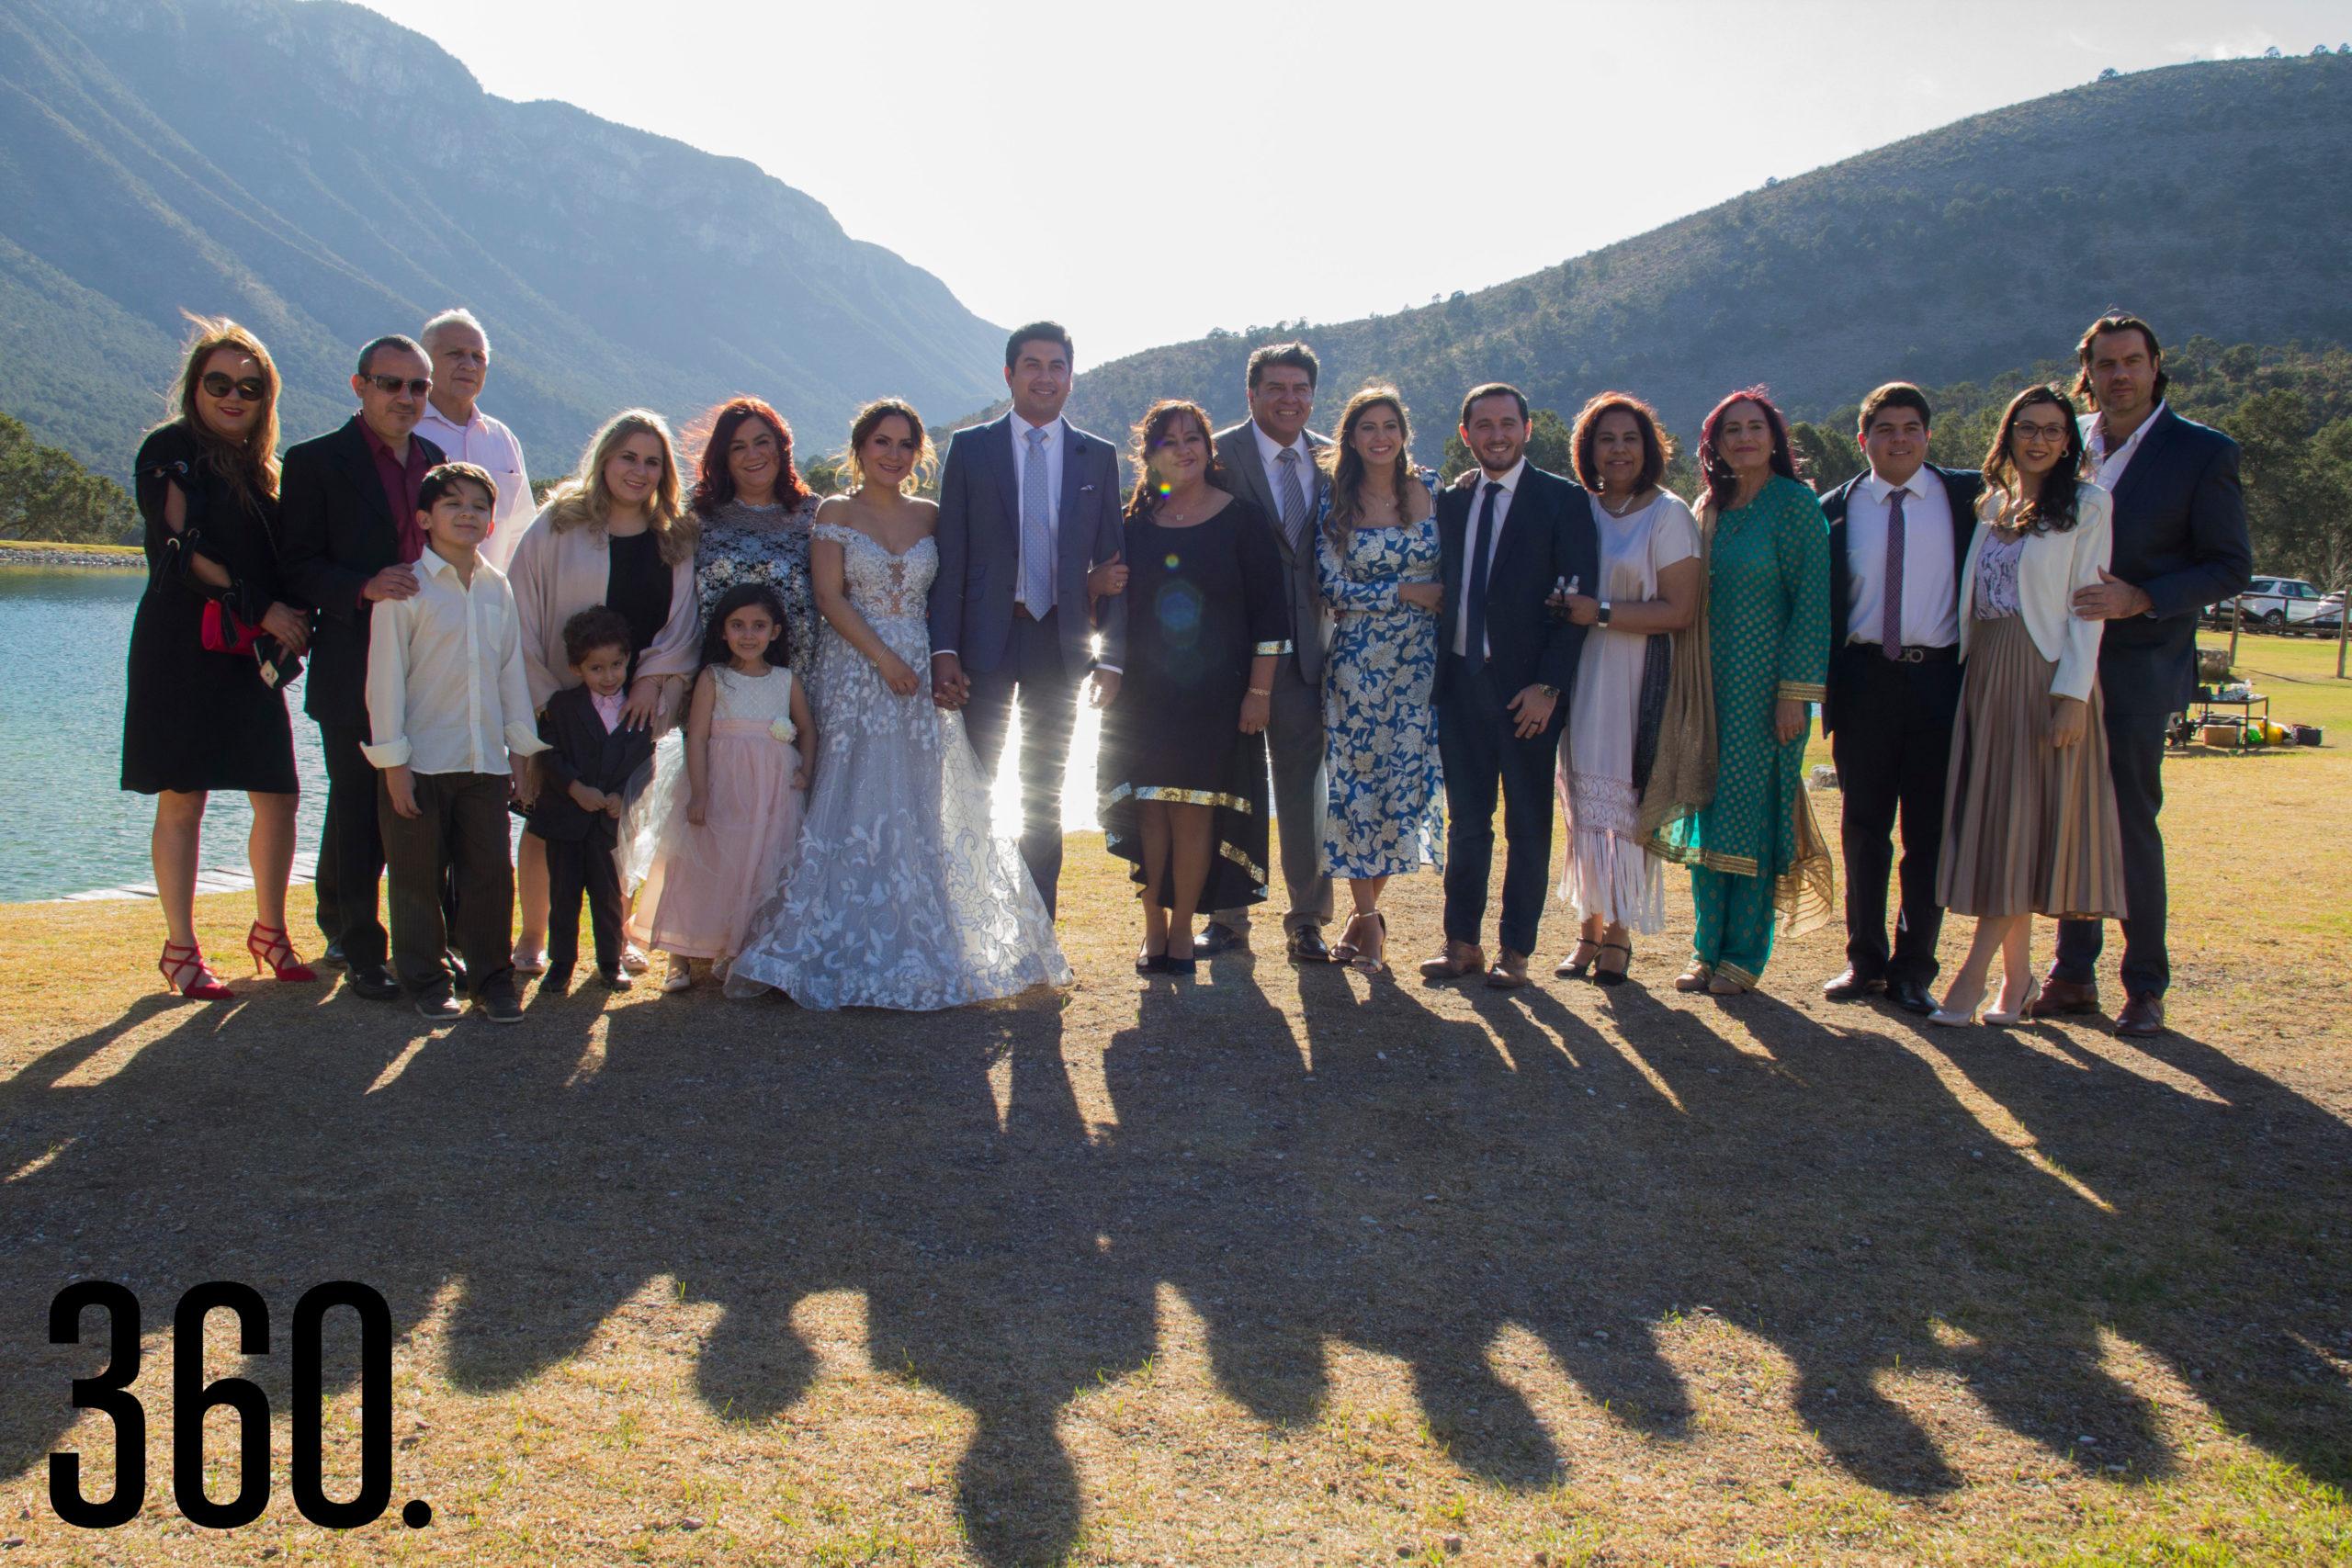 El matrimonio Martínez Mendizábal acompañado por sus padres, hermanos y familiares.